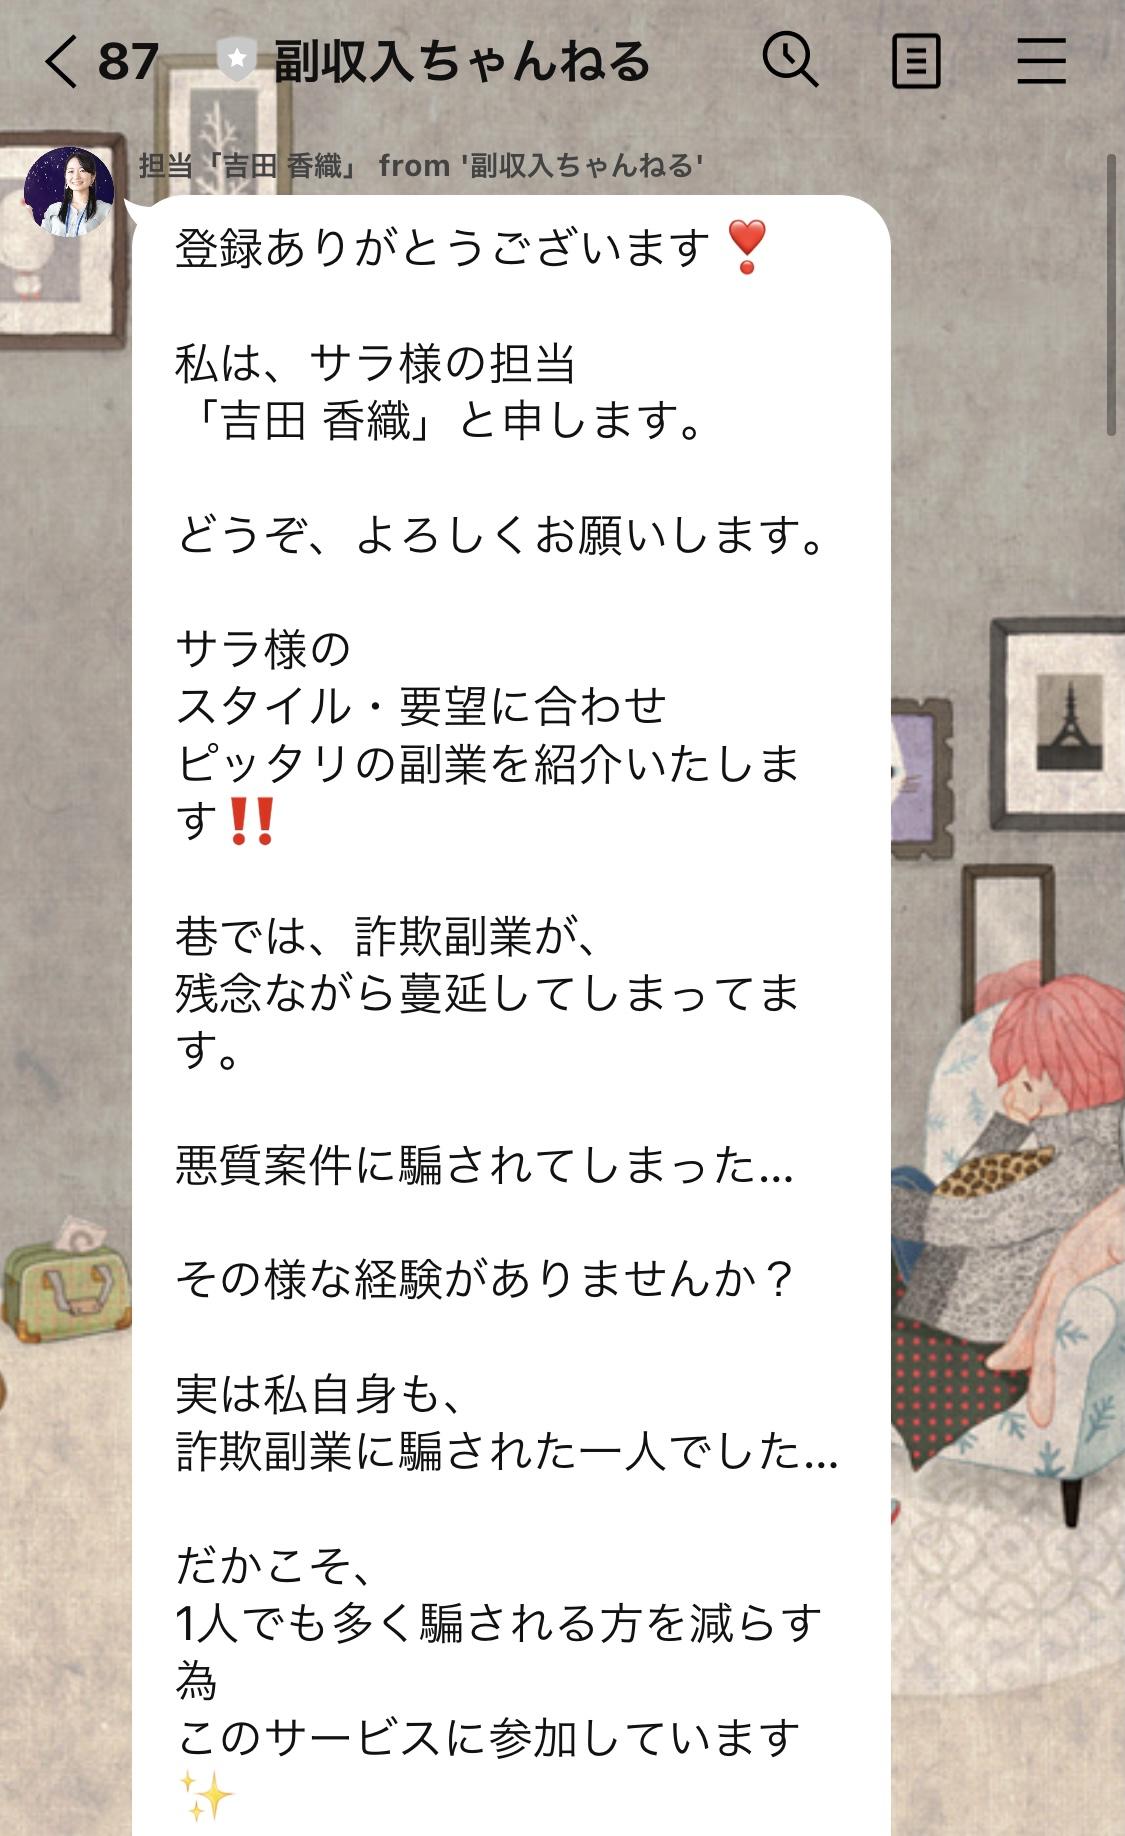 副収入ちゃんねるLINEメッセージ